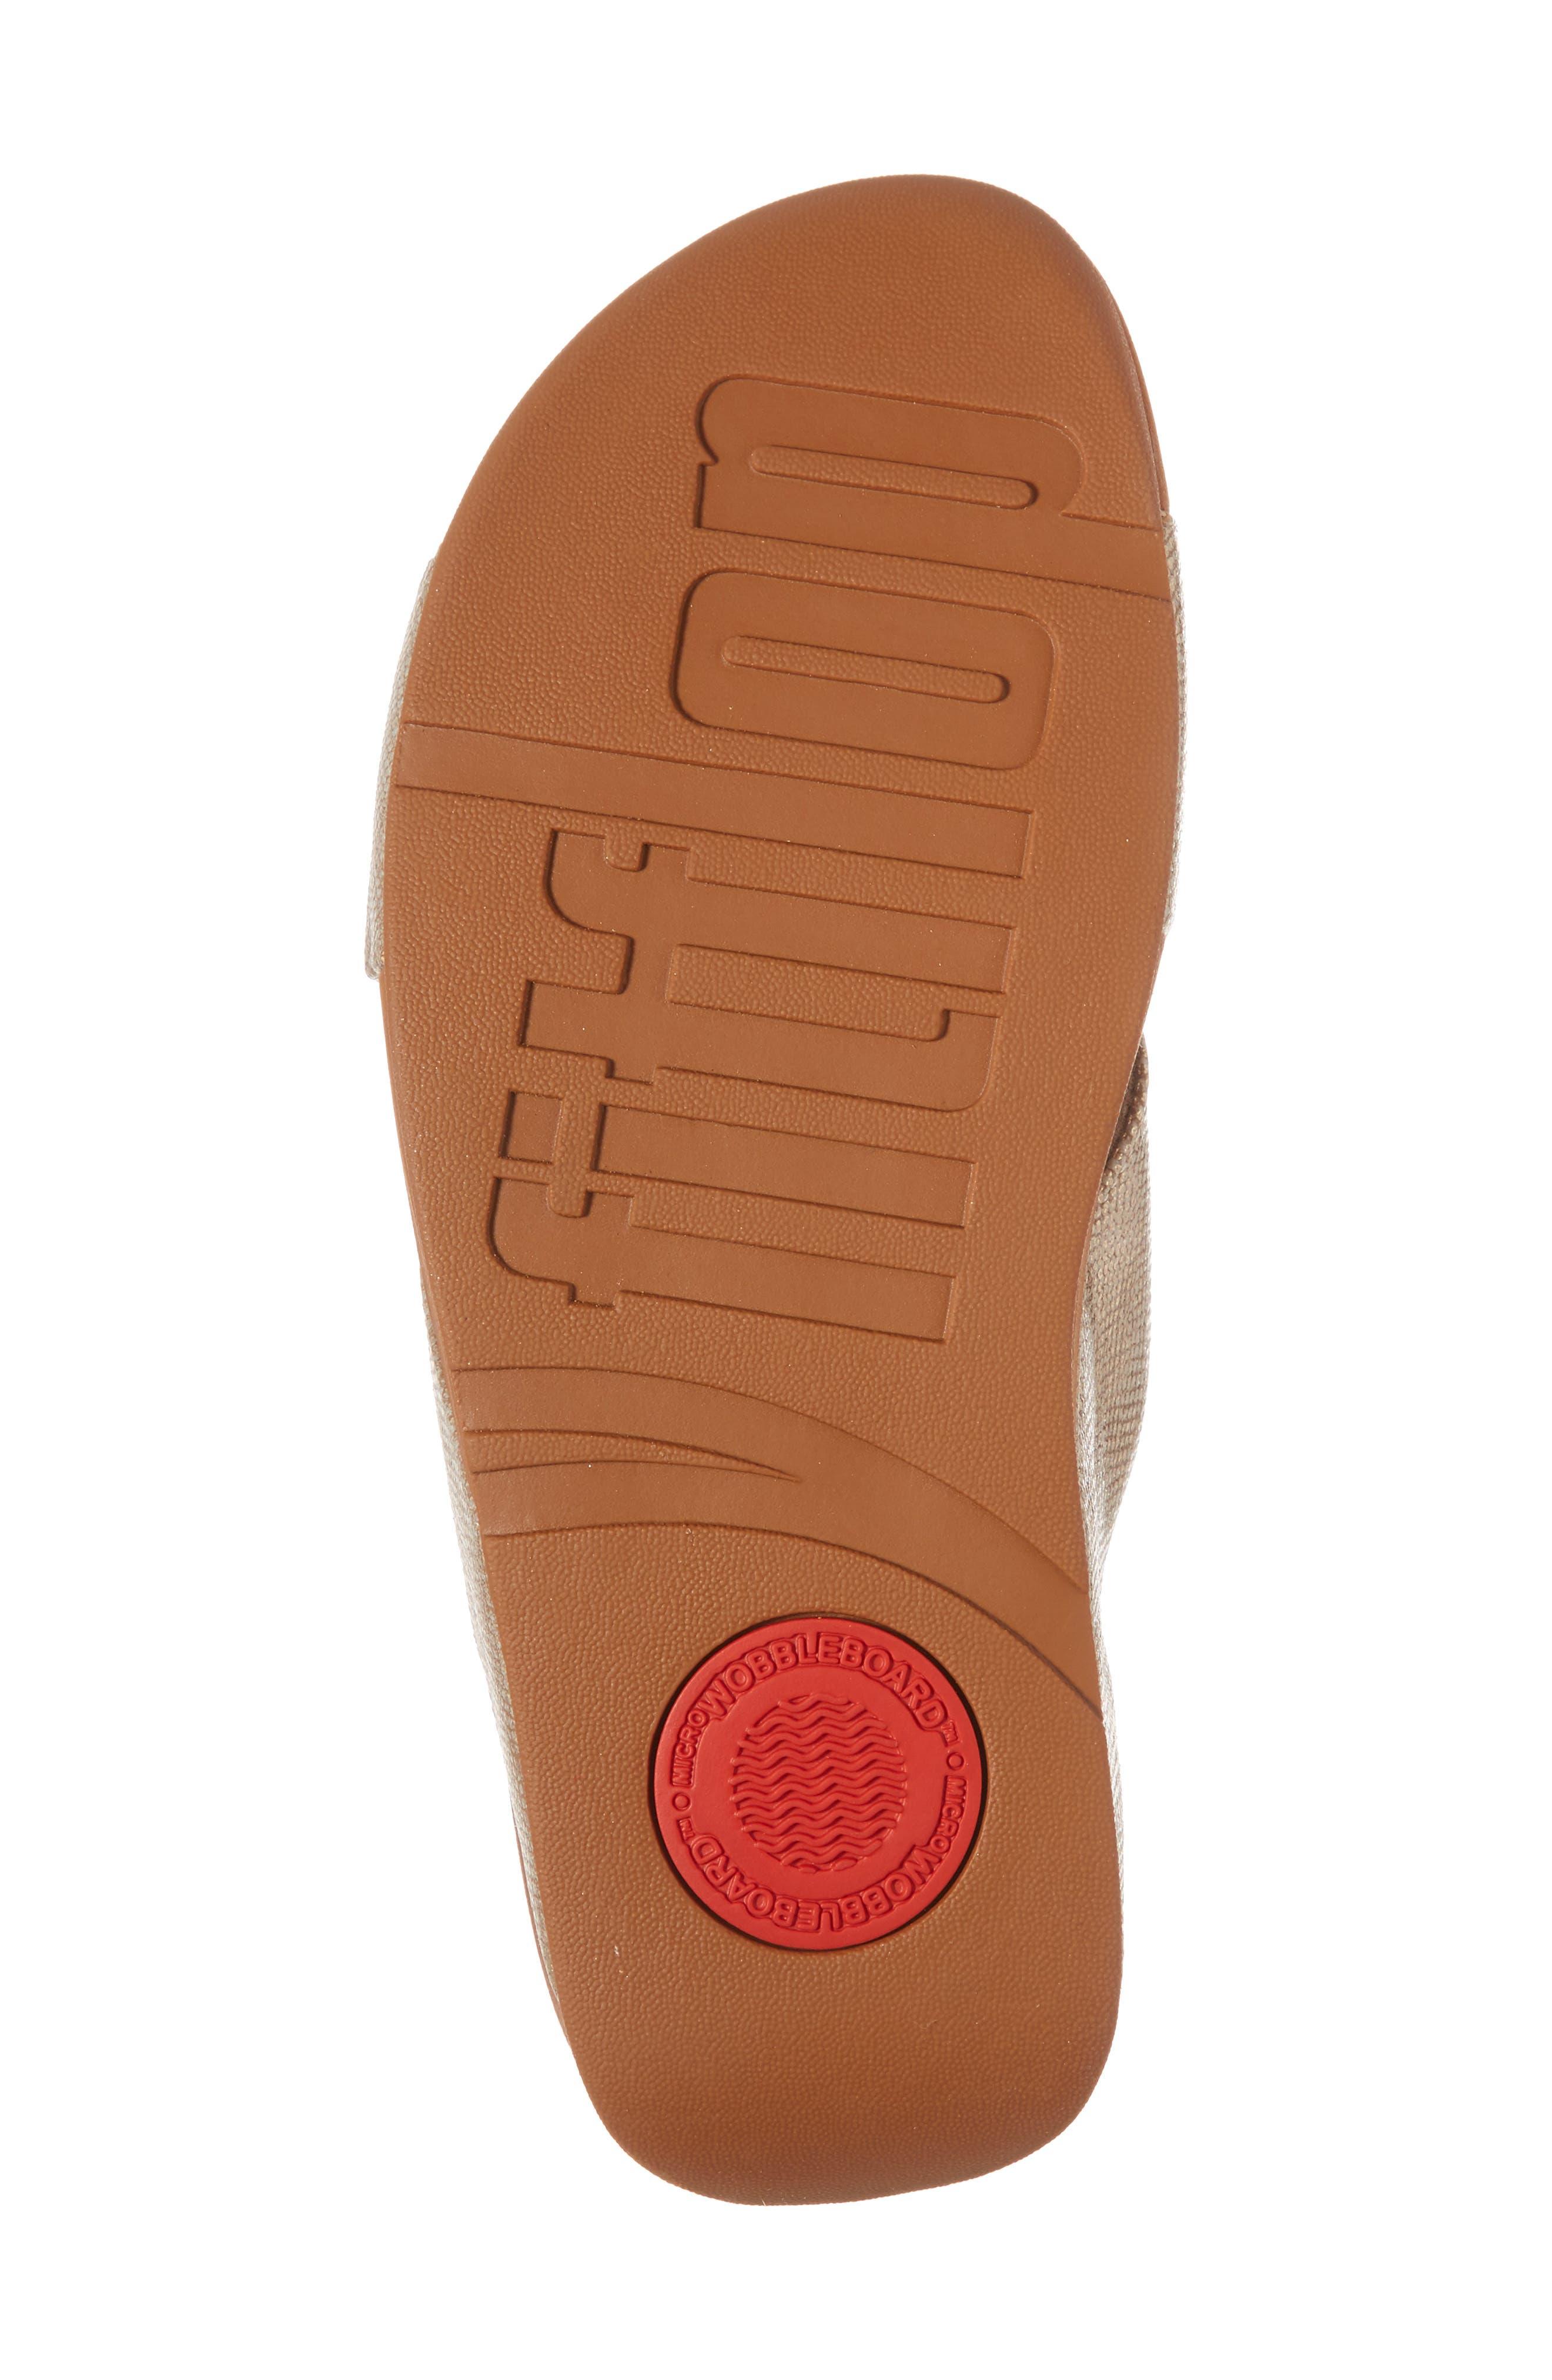 Lulu Cross Slide Sandal,                             Alternate thumbnail 6, color,                             Gold Shimmer Print